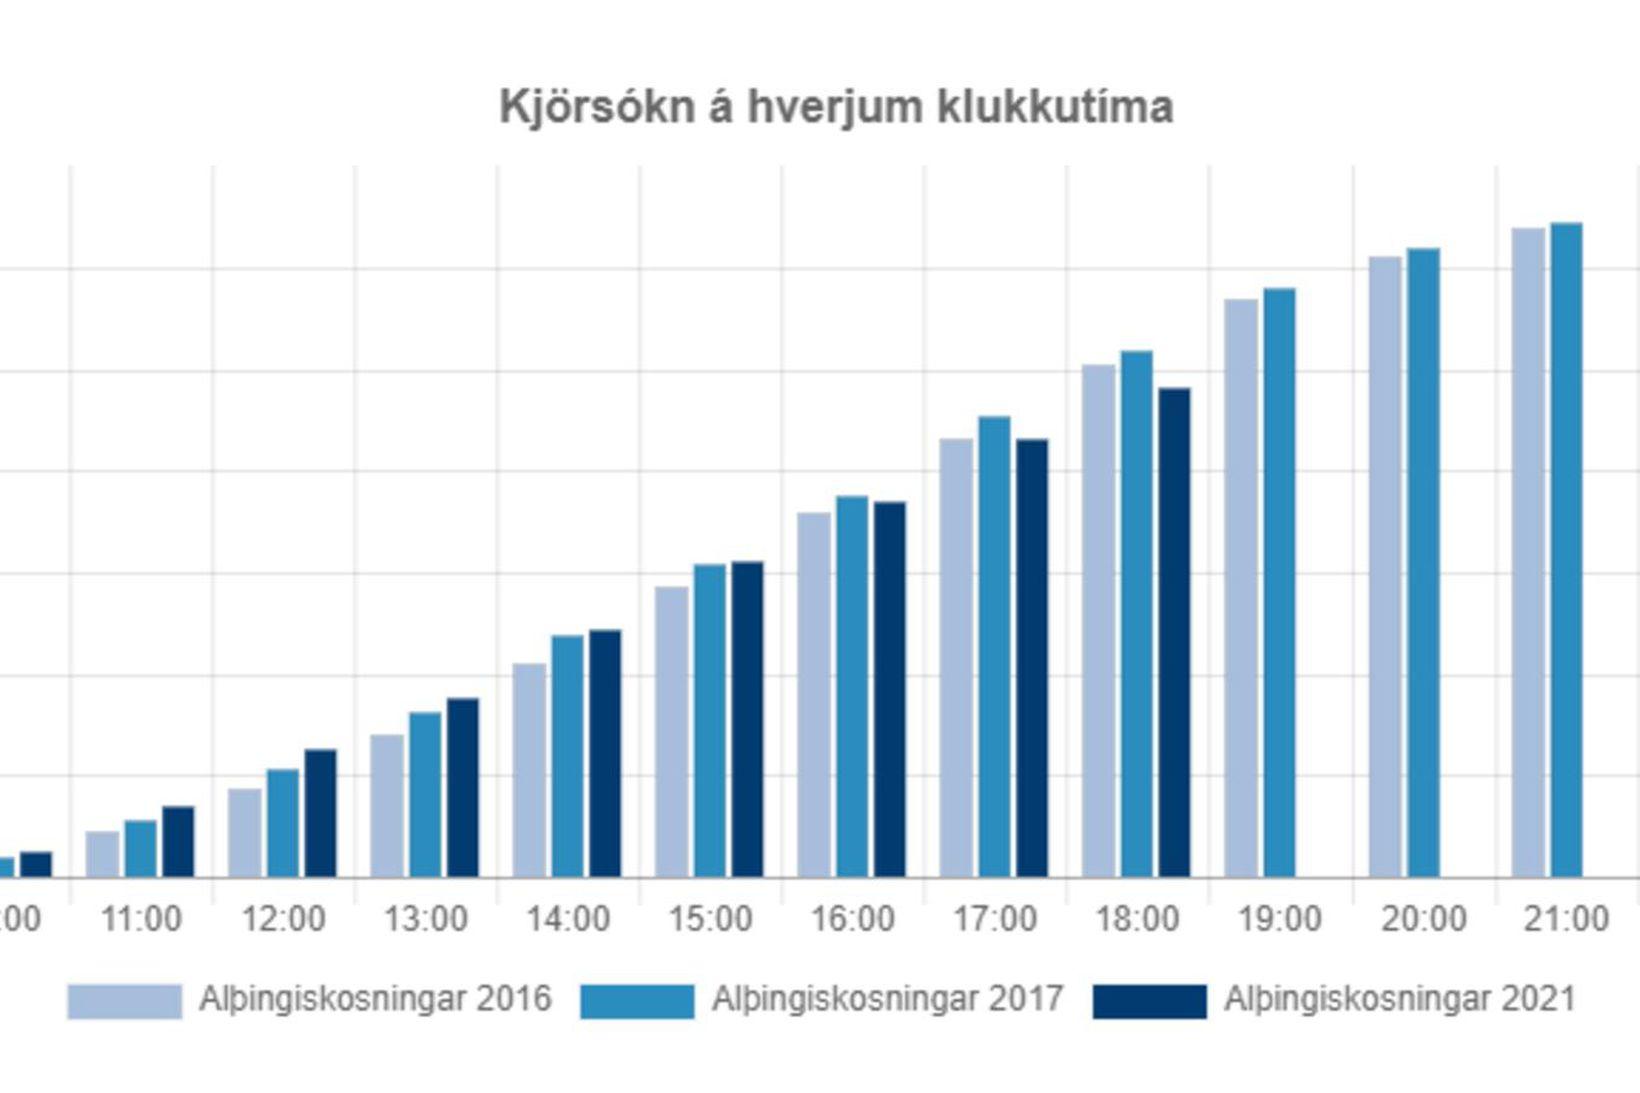 Graf sem sýnir kjörsókn á hverjum klukkutíma í báðum Reykjavíkurkjördæmunum.